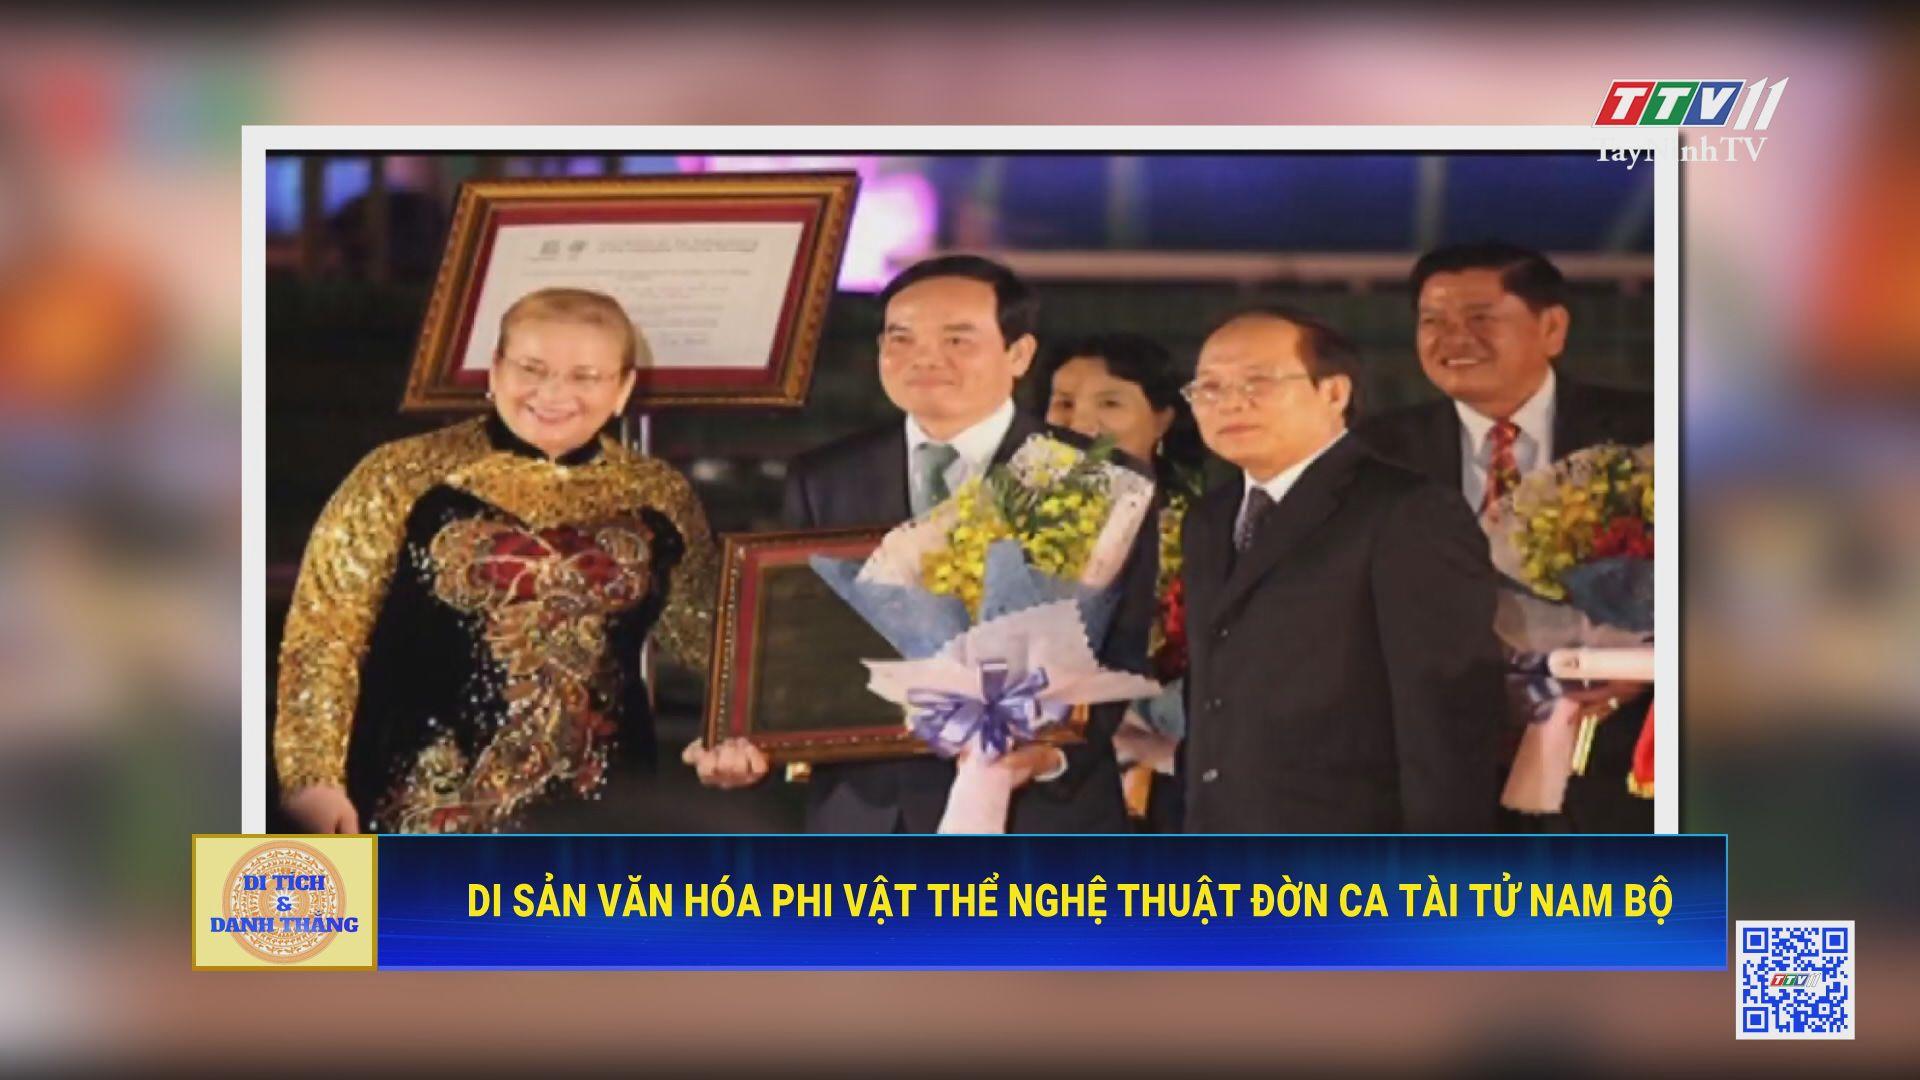 Di sản văn hóa phi vật thể Nghệ thuật Đờn ca tài tử Nam bộ | DI TÍCH VÀ DANH THẮNG | TayNinhTV